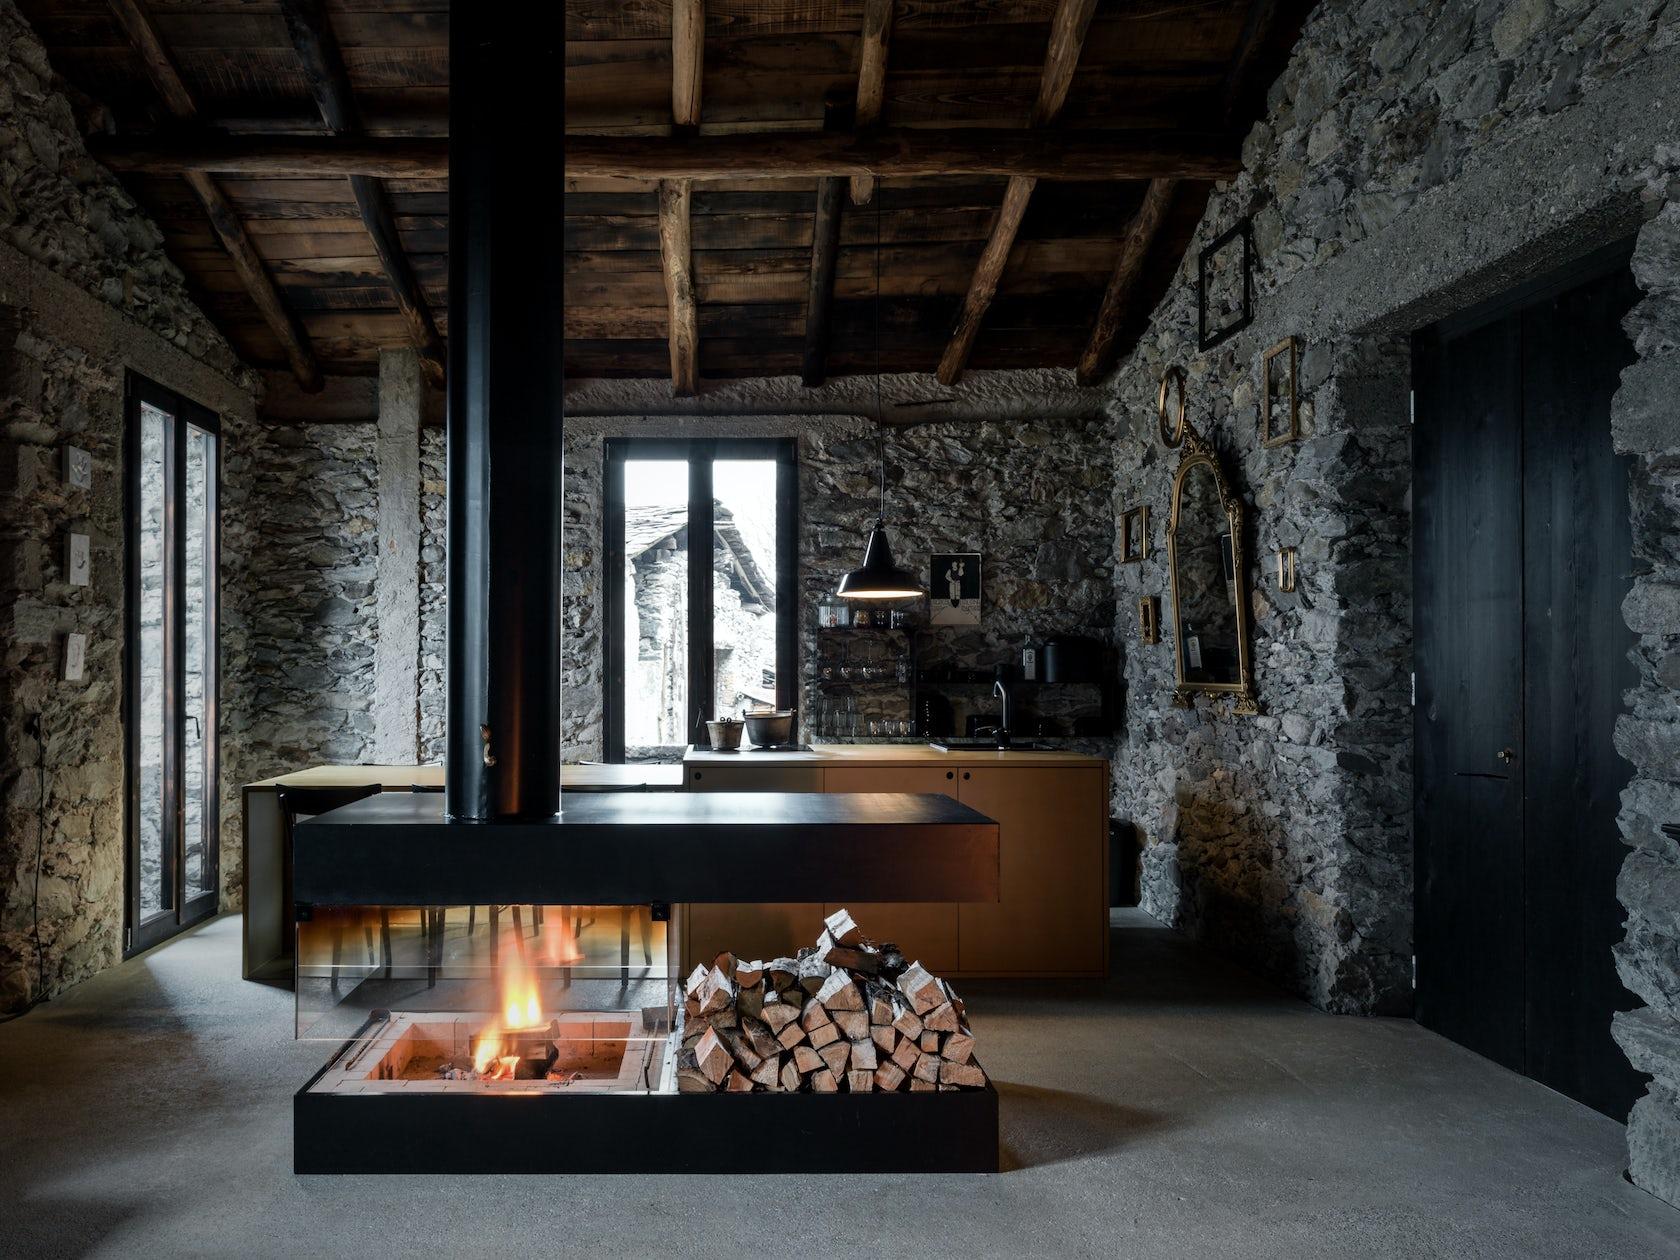 Ev a lab atelier d 39 architettura e interior design architizer for Architettura e design interni